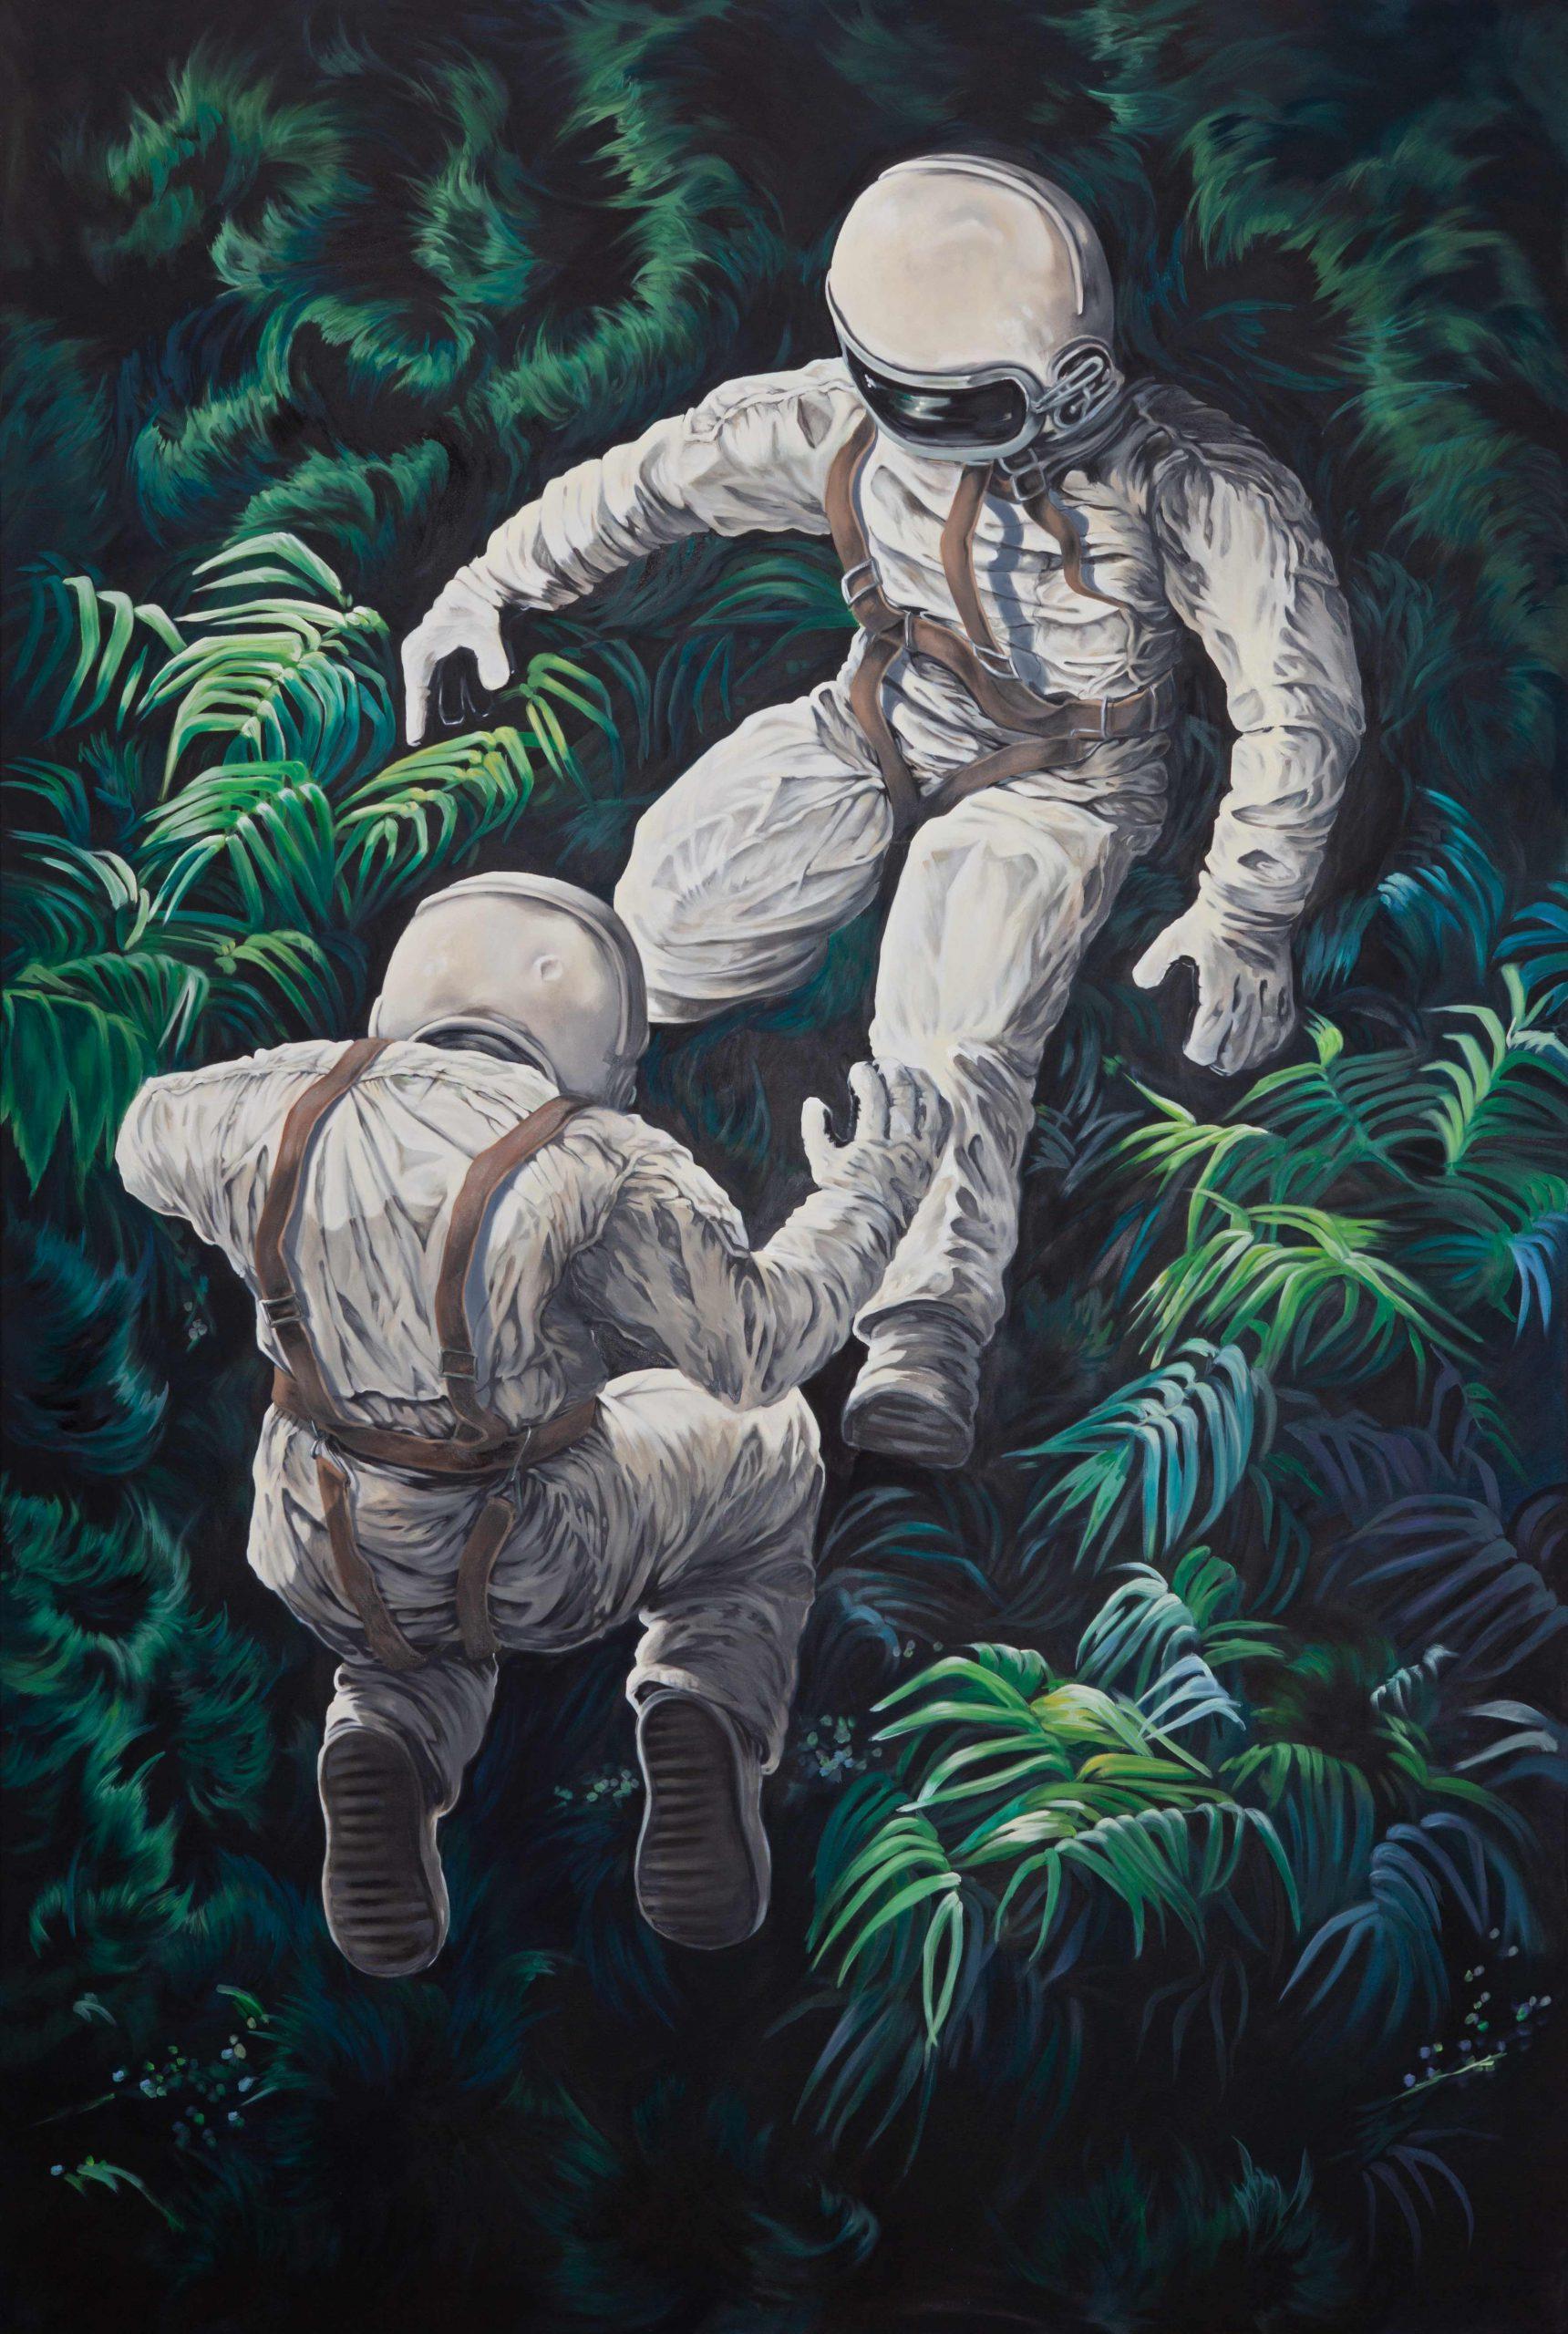 zwei Astronauten im Dschungel